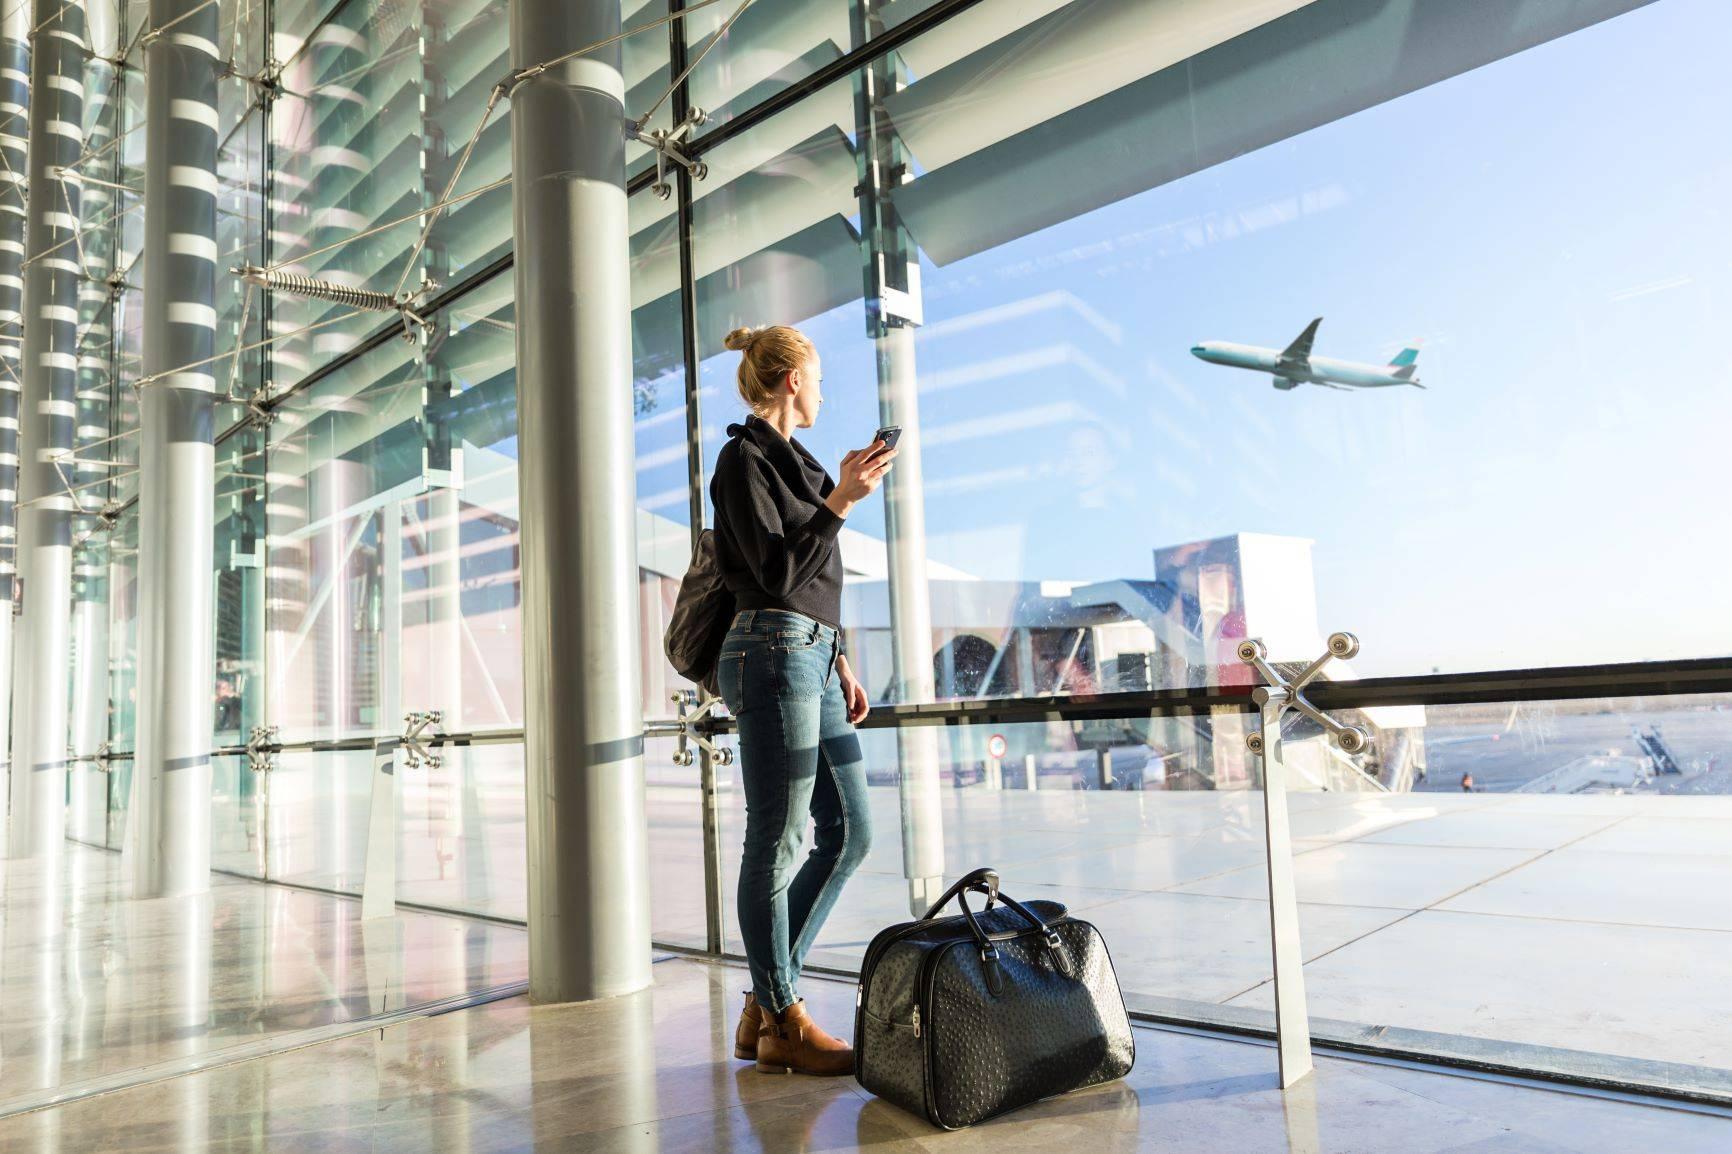 Jet lag po podróży - jak sobie z nim poradzić?